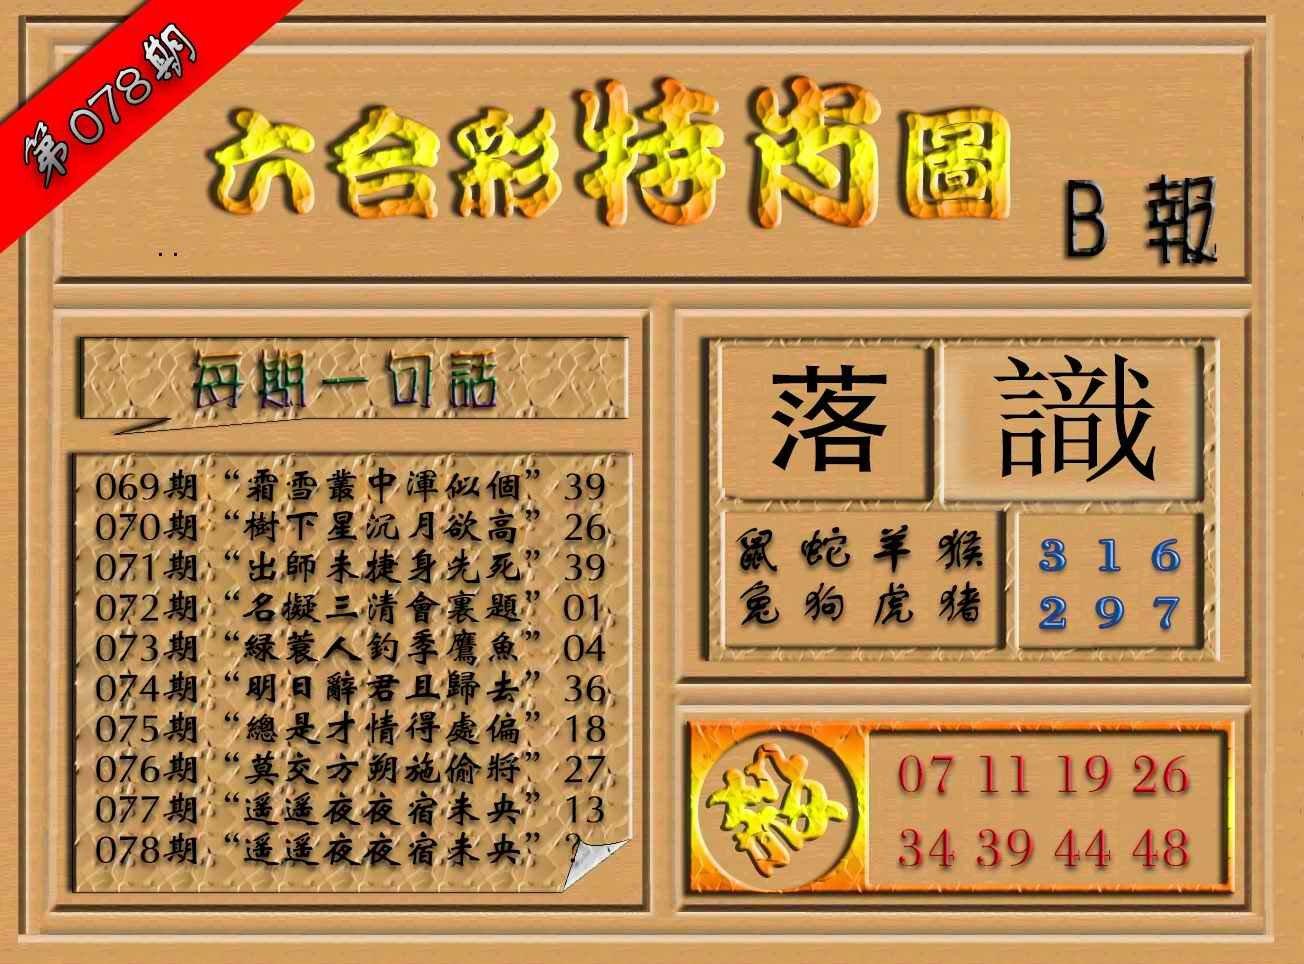 078期六合彩特肖图(B报)